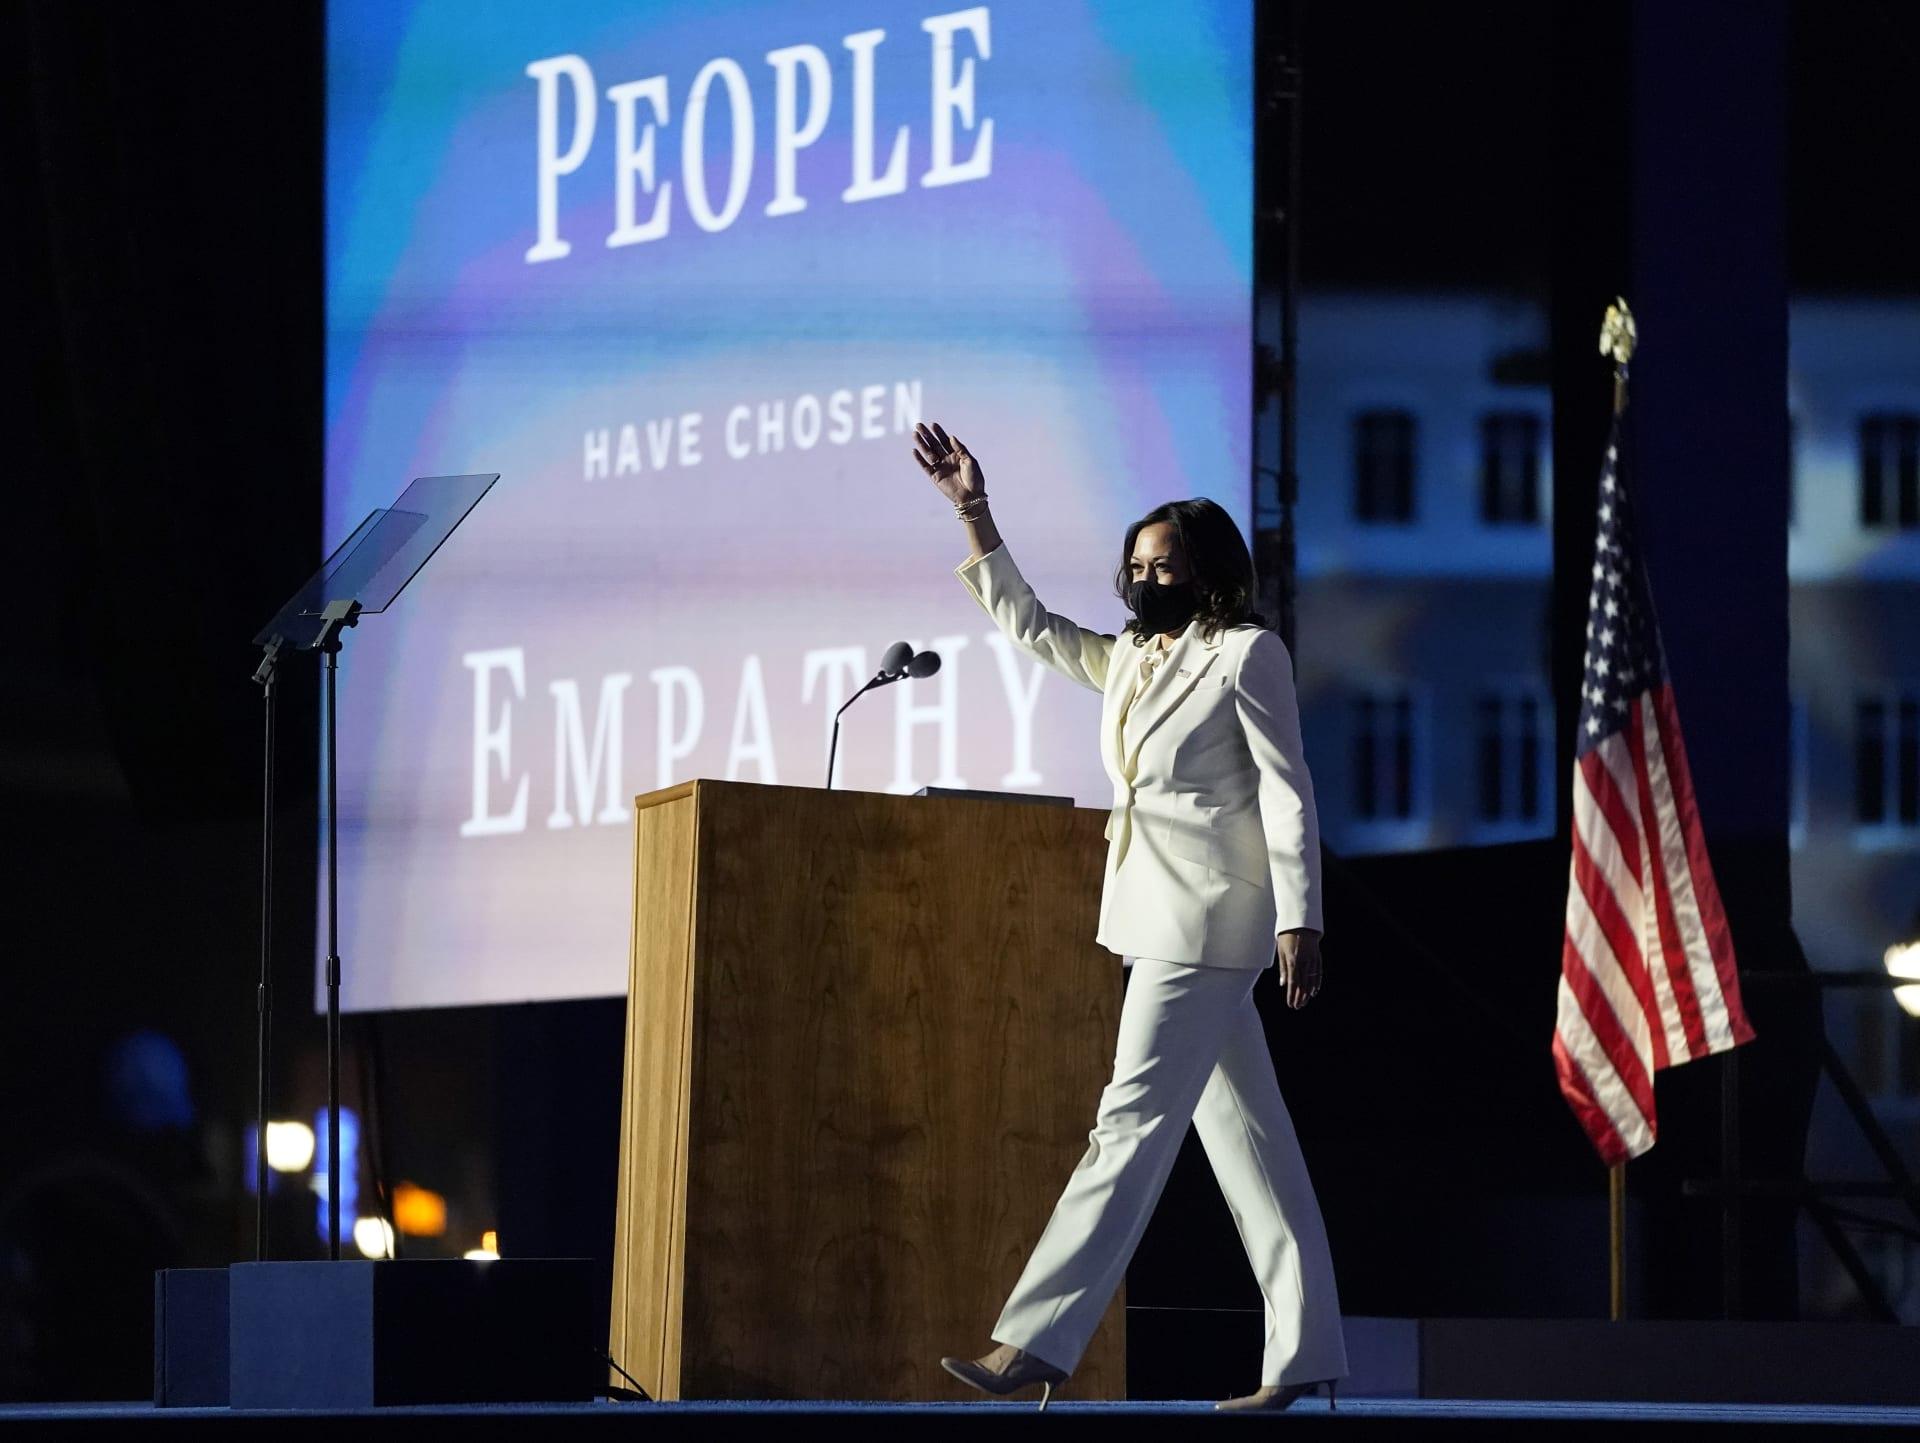 كمالا هاريس تطل ببدلة بيضاء بخطابها كأول امرأة بمنصب نائبة رئيس أمريكا..ما السبب؟